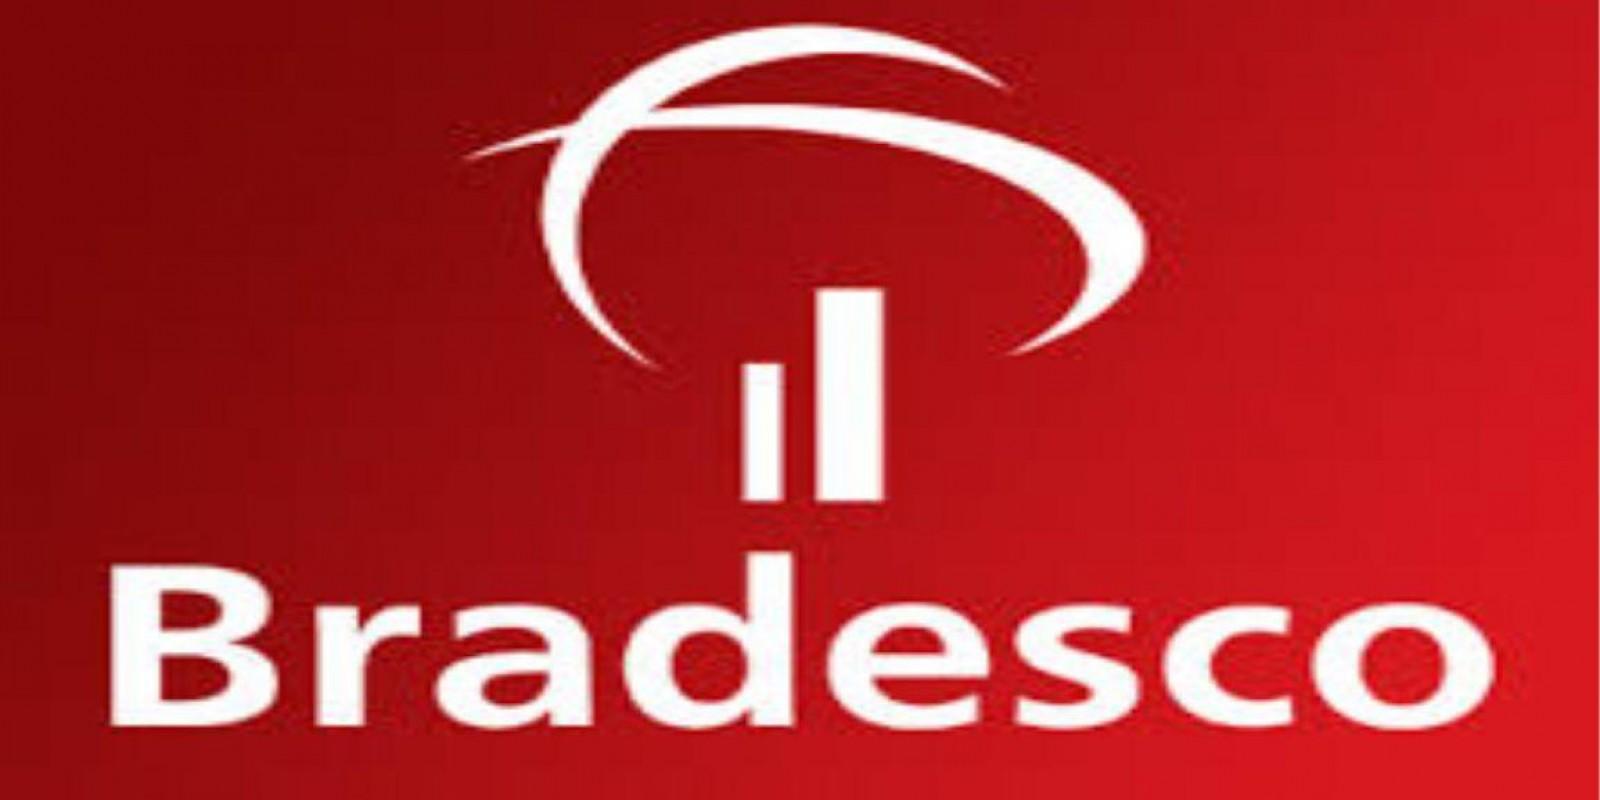 Bancários do Bradesco debatem pauta de reivindicações